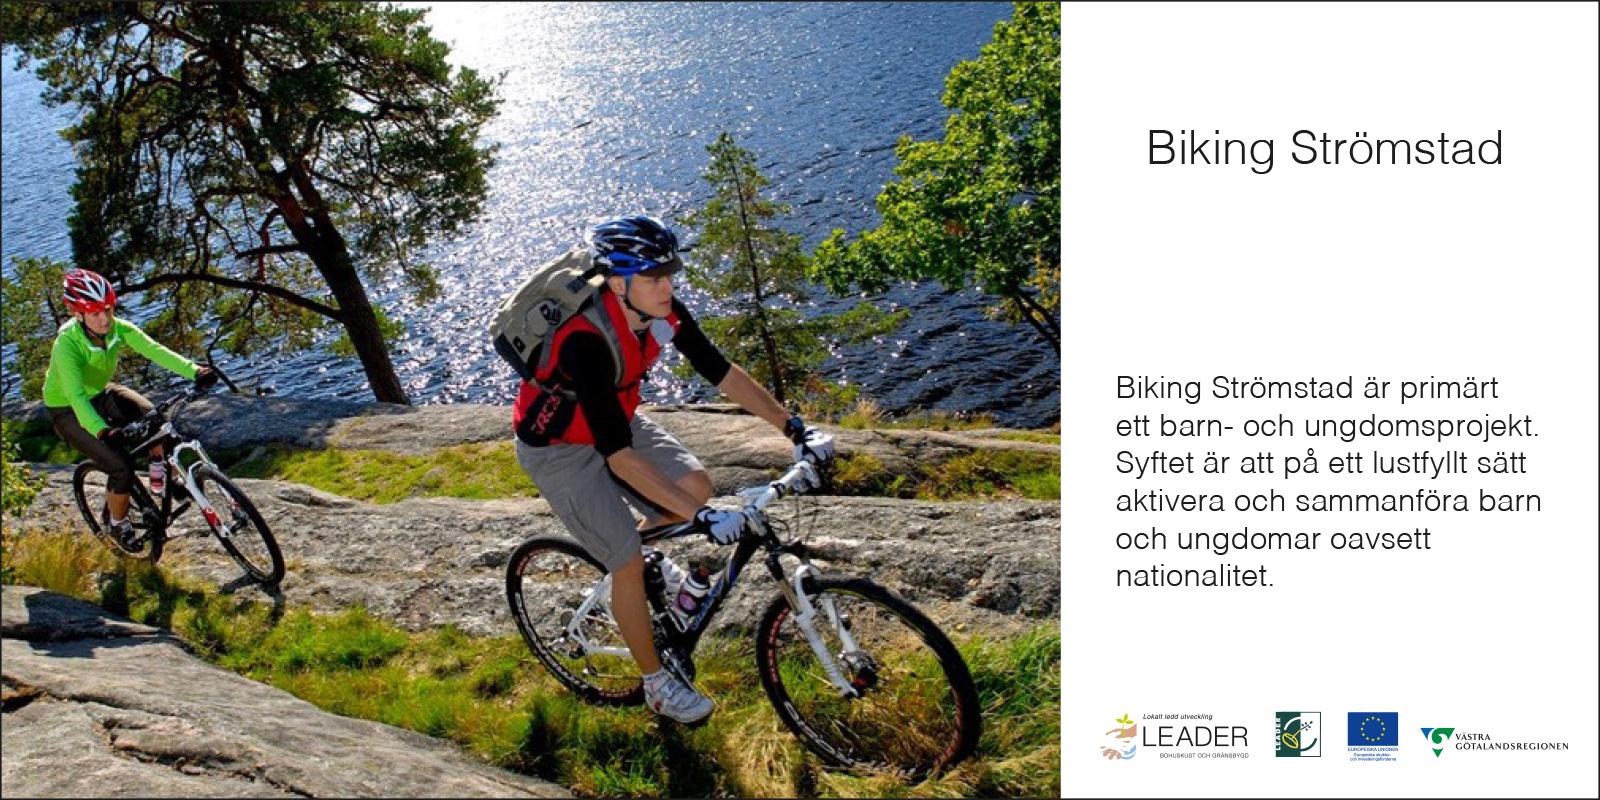 Biking Strömstad